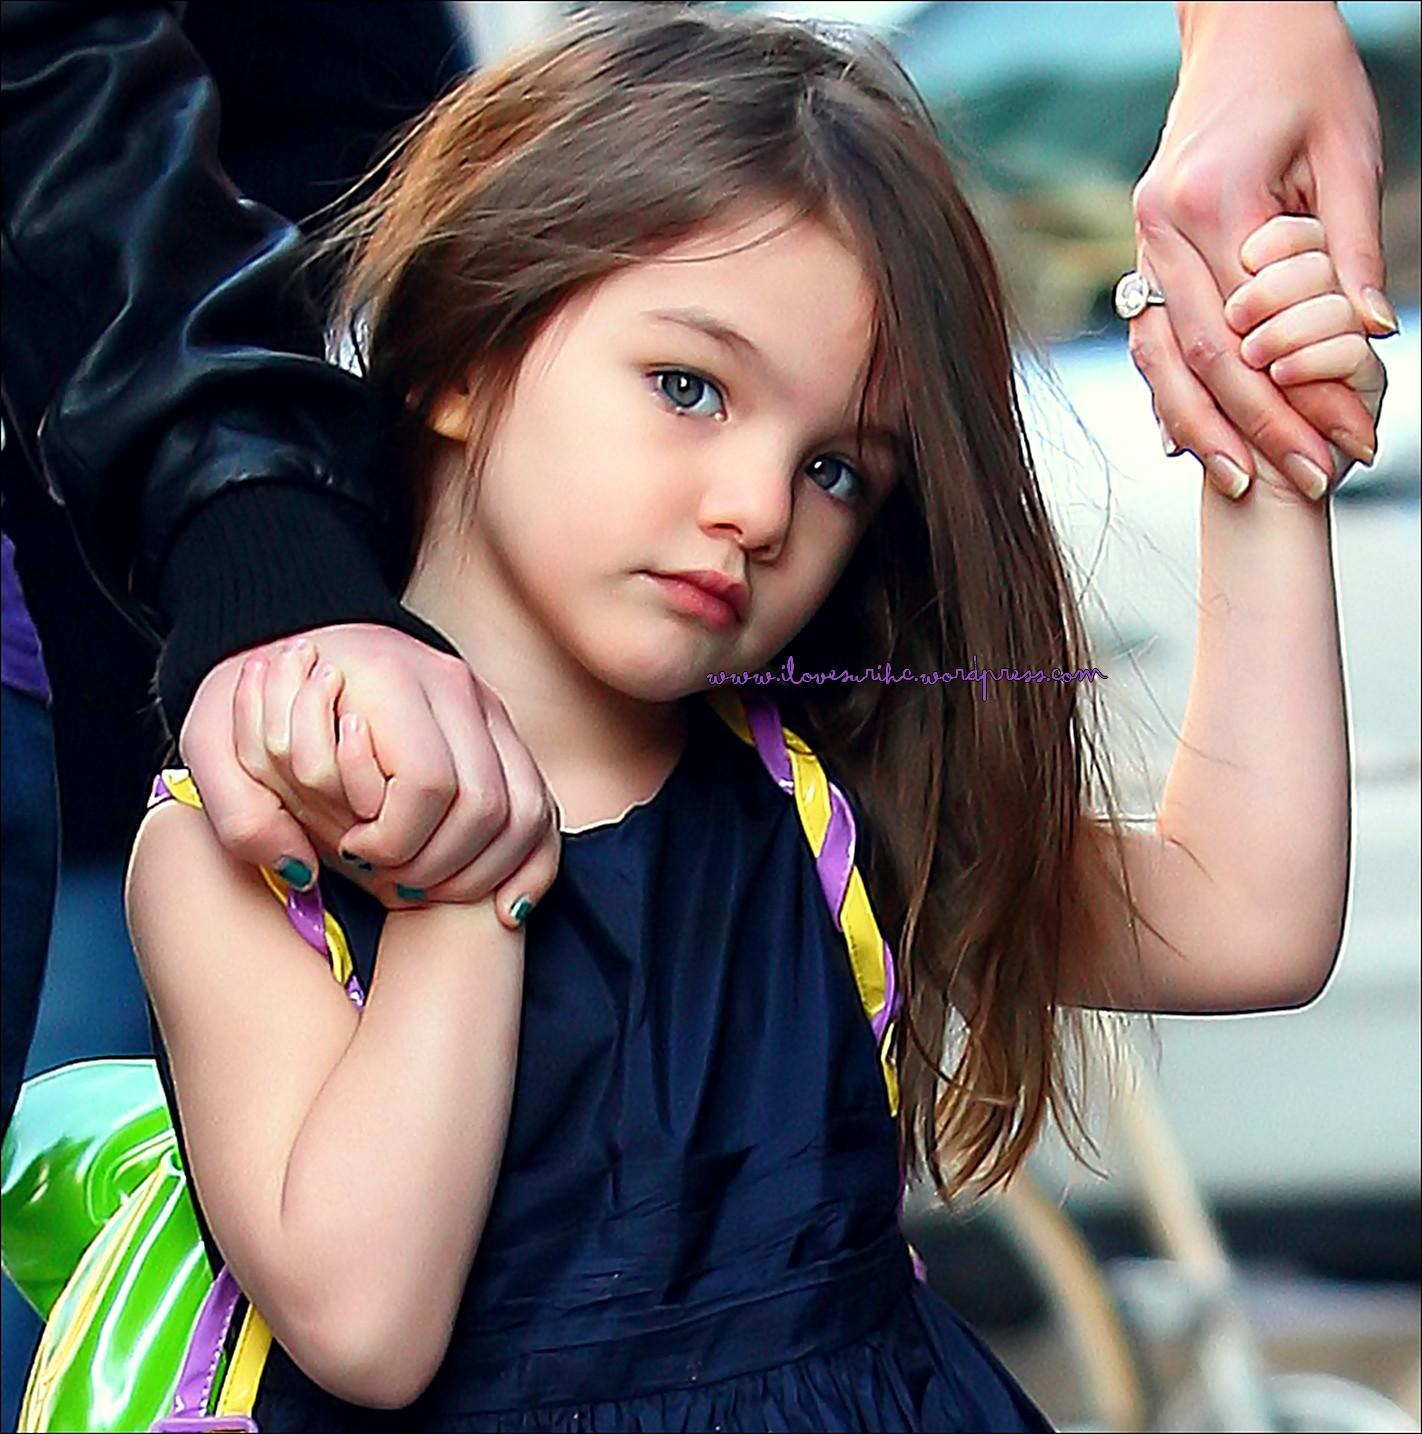 Những cô công chúa nổi tiếng nhà sao Hollywood ngày ấy nay đã lớn: Suri Cruise, Harper Beckham lột xác ngoạn mục - Ảnh 4.